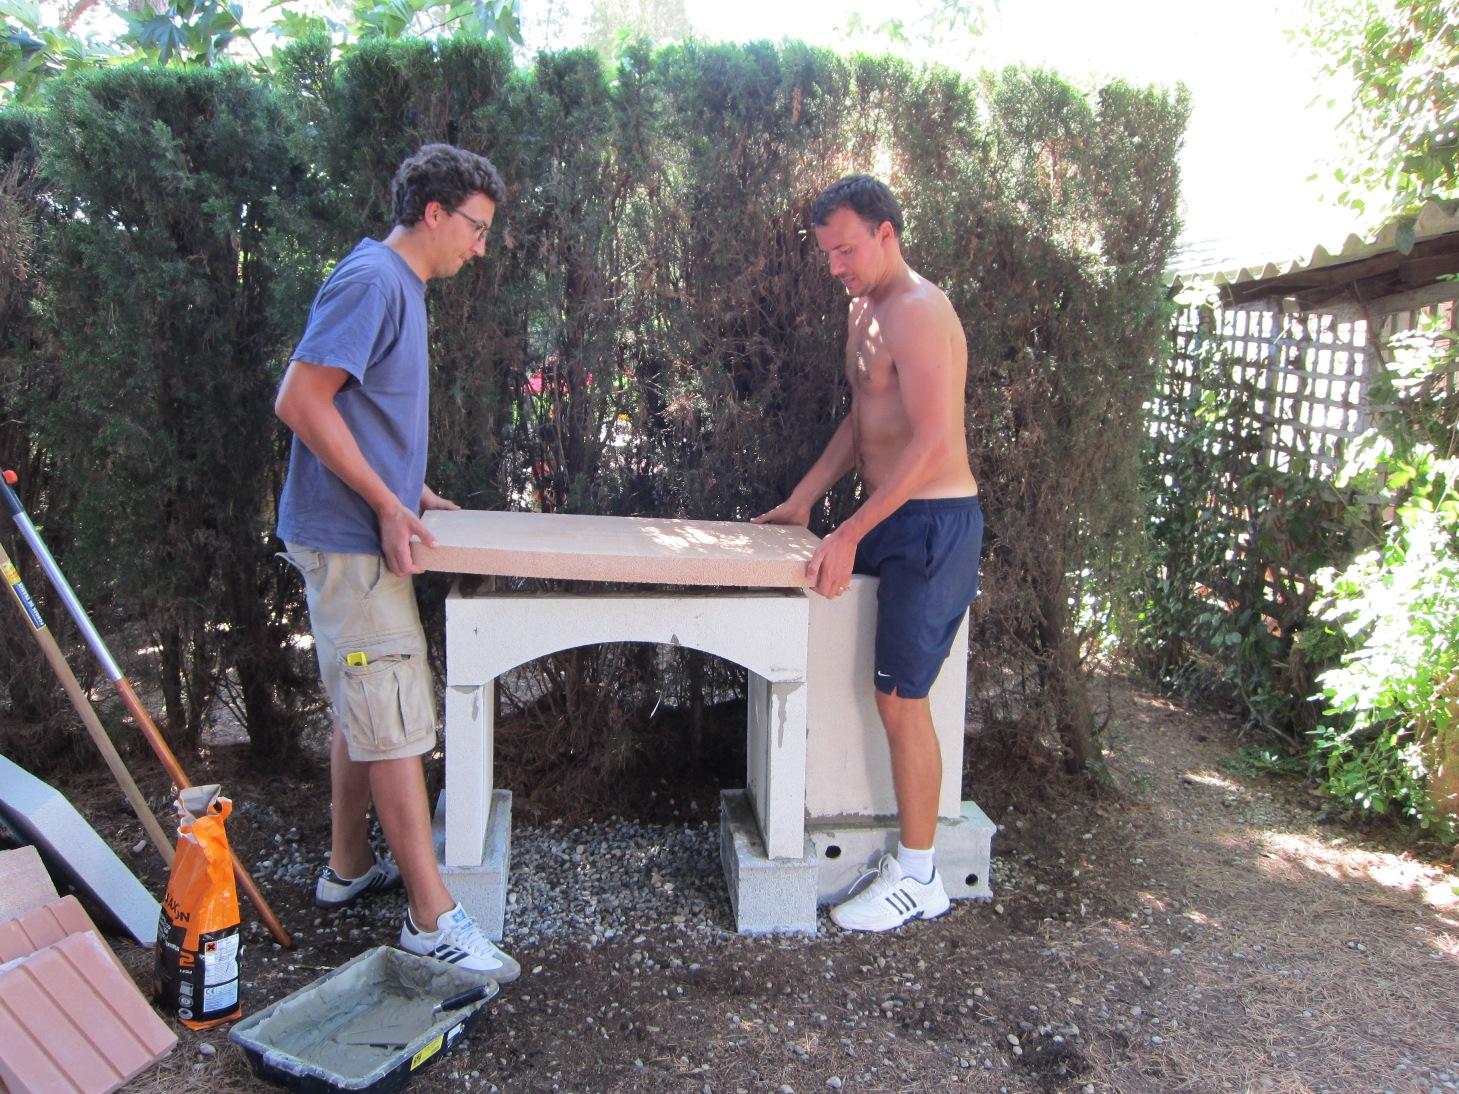 Pin construire un barbecue en pierre on pinterest - Construire barbecue en pierre ...